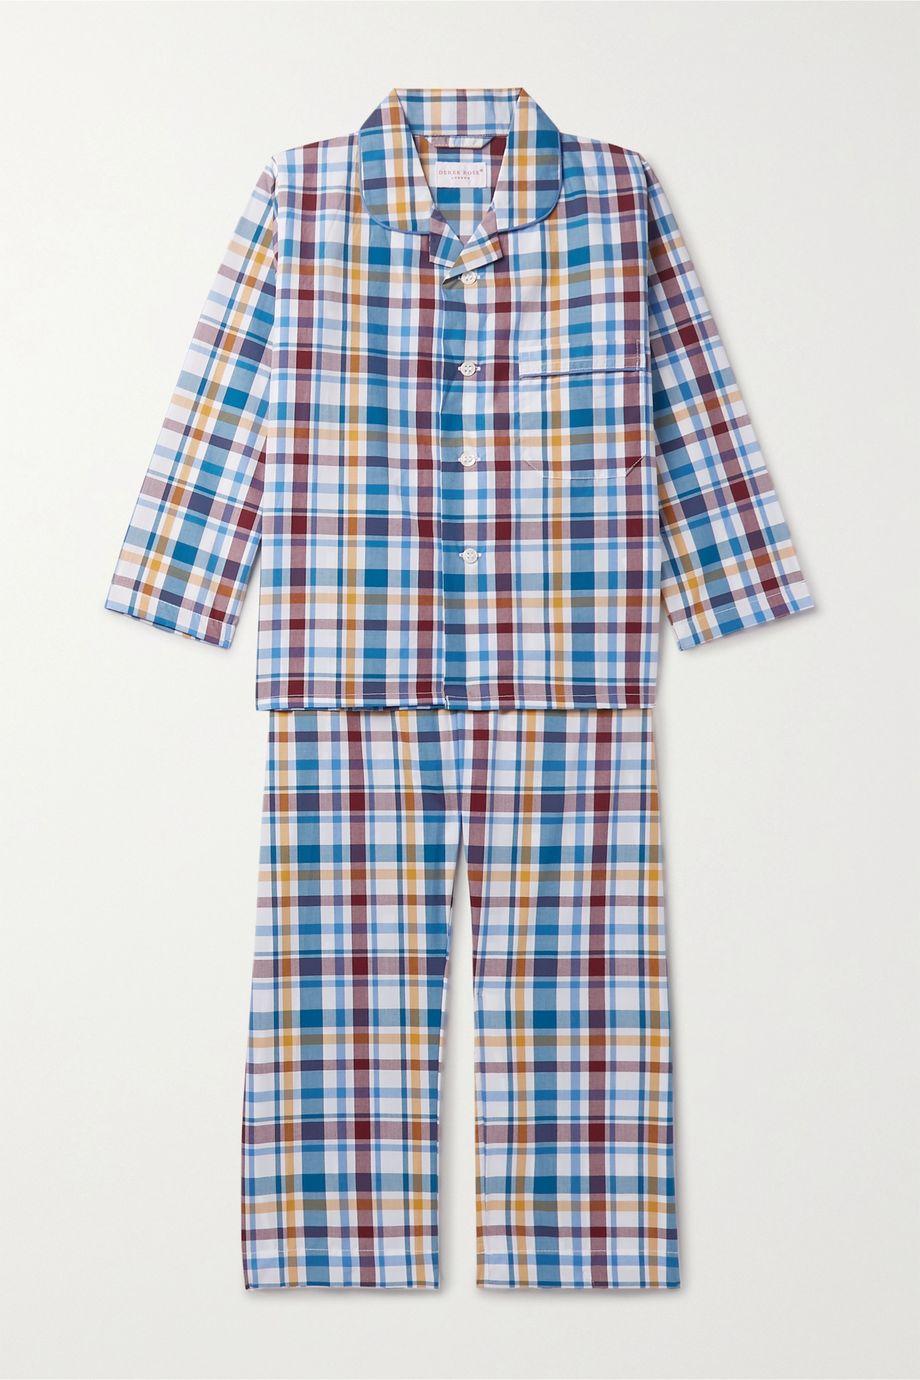 Derek Rose Kids Ages 3 - 12 checked cotton pajama set